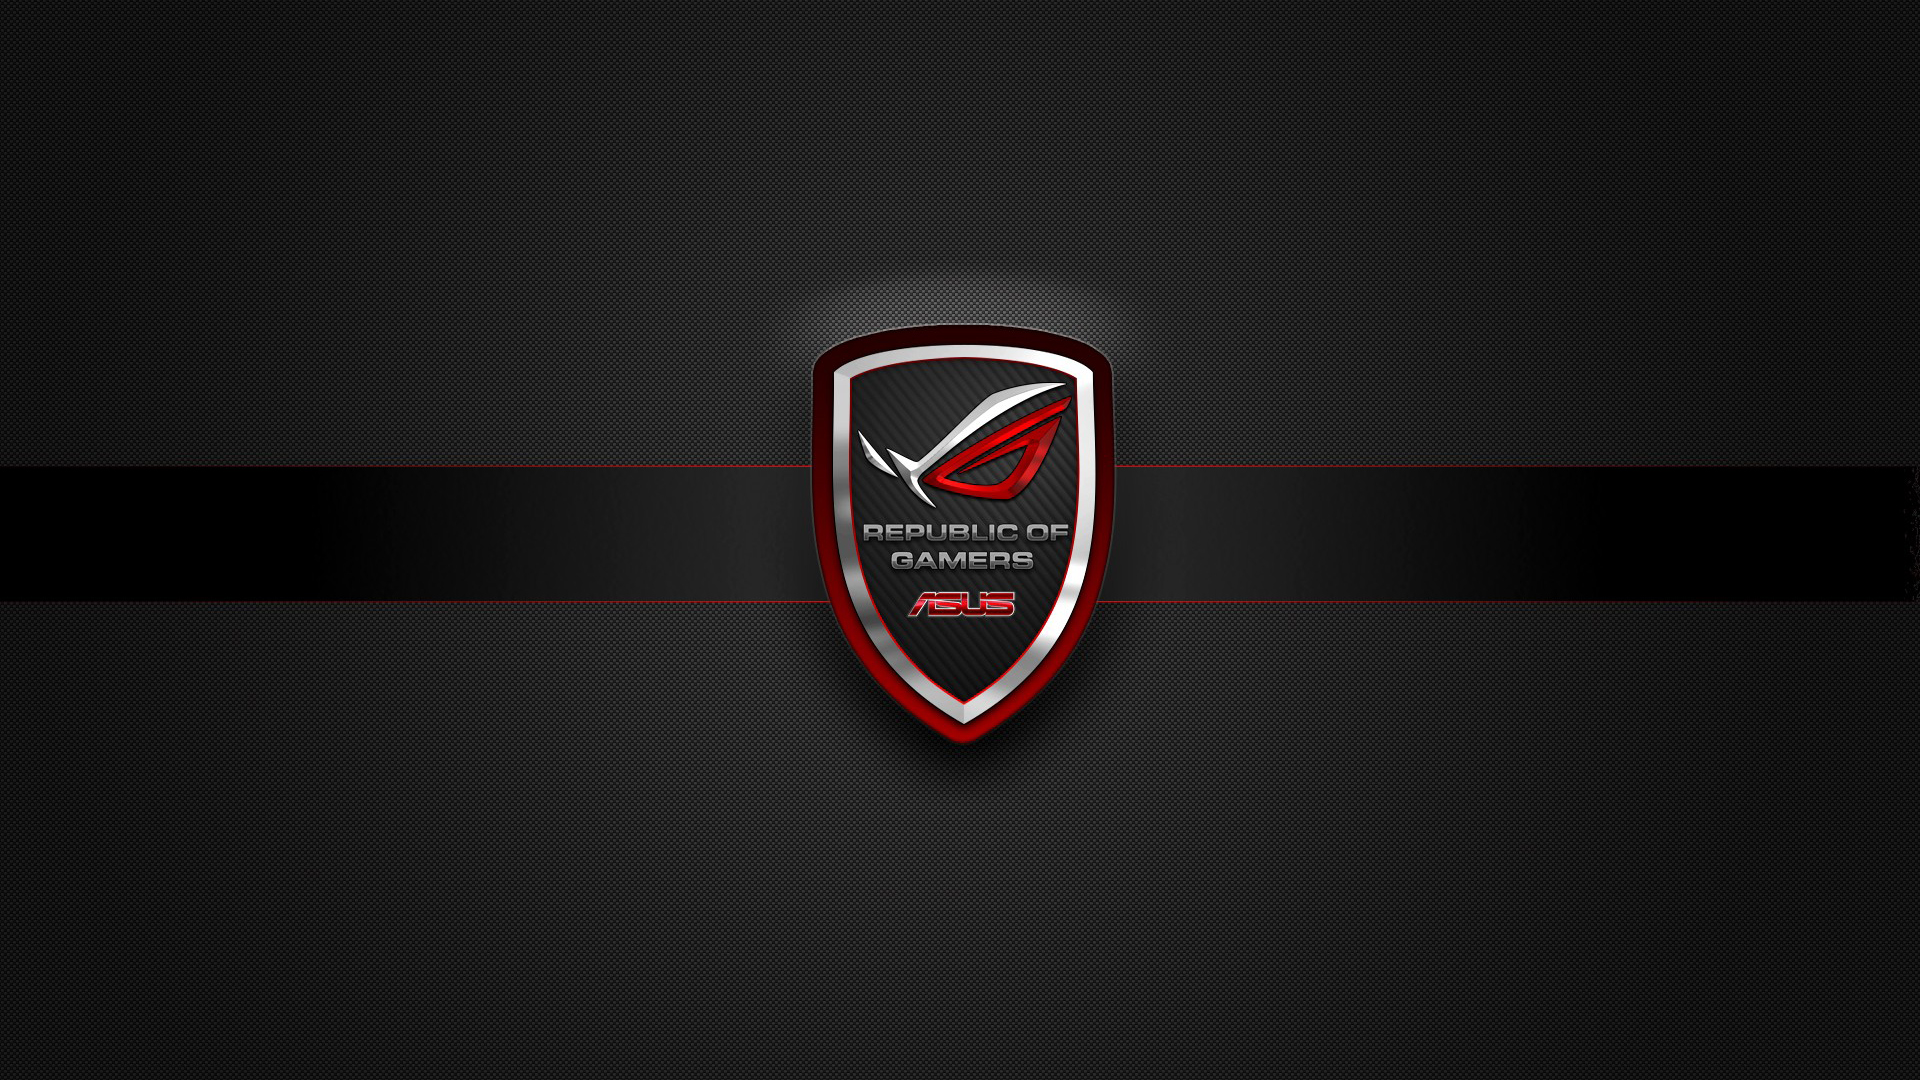 asus rog republic of gamers badge logo hd 1920x1080 1080p wallpaper 1920x1080